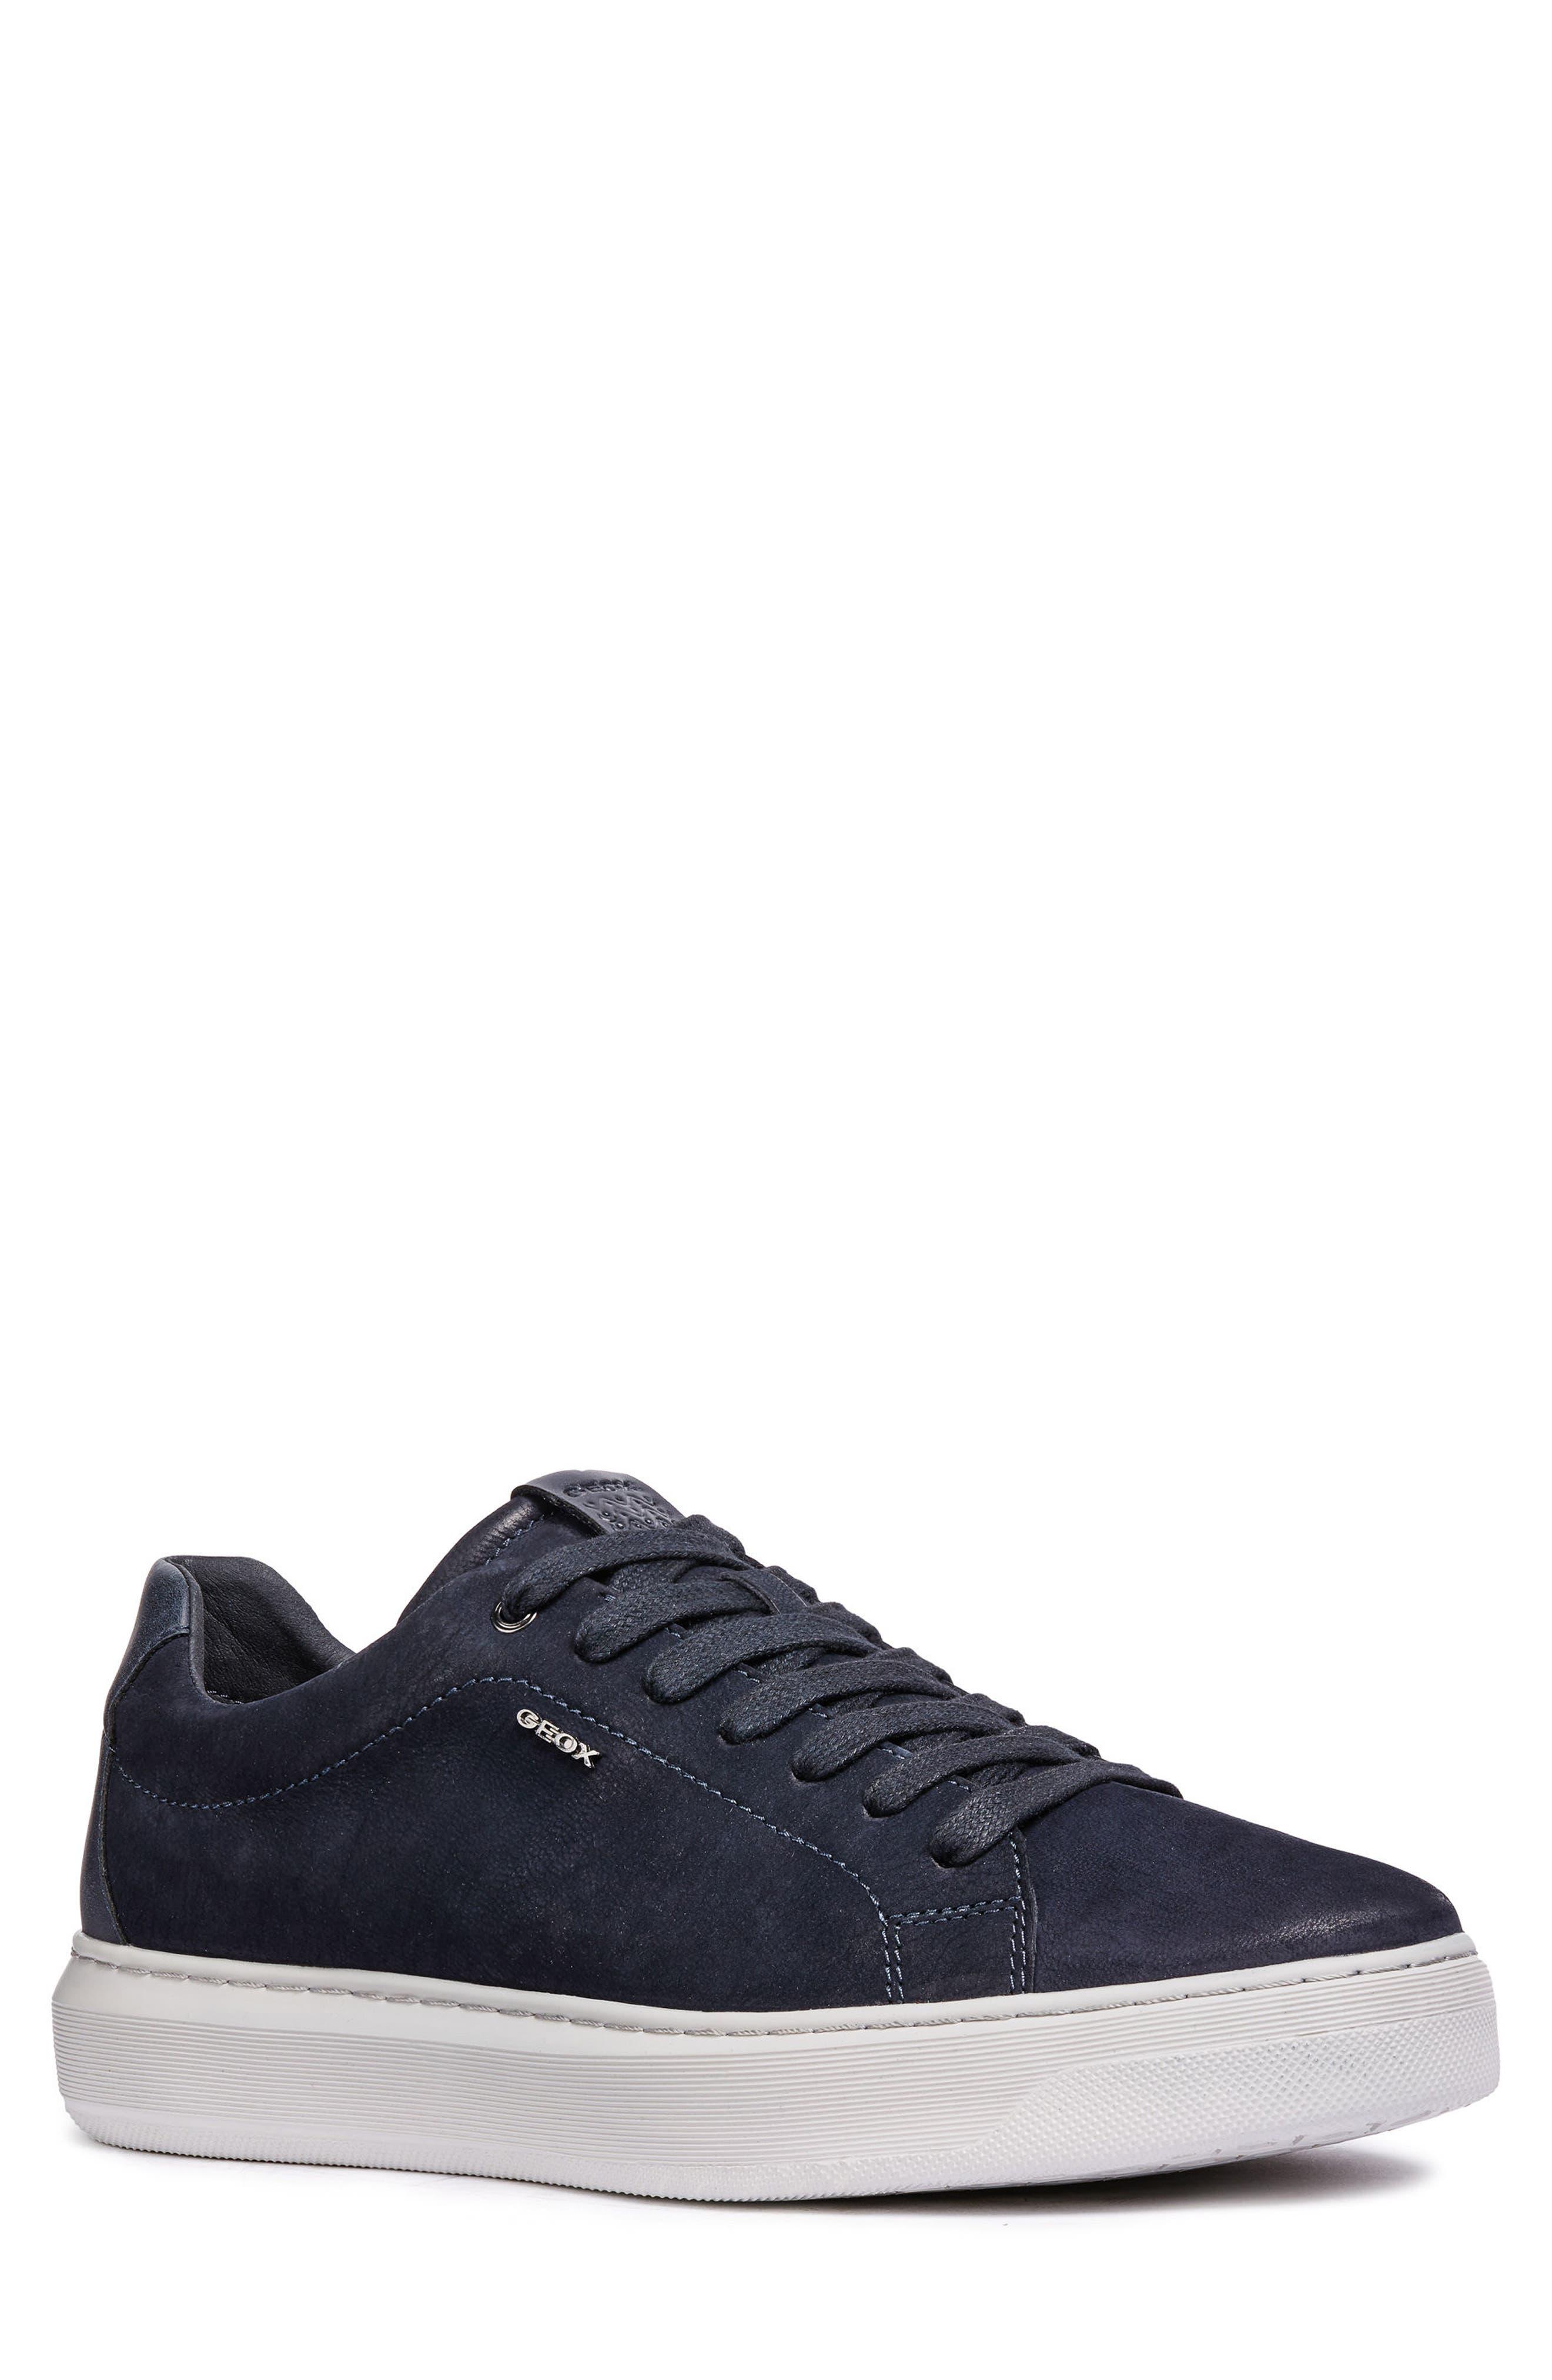 Geox Deiven 5 Low Top Sneaker, Blue